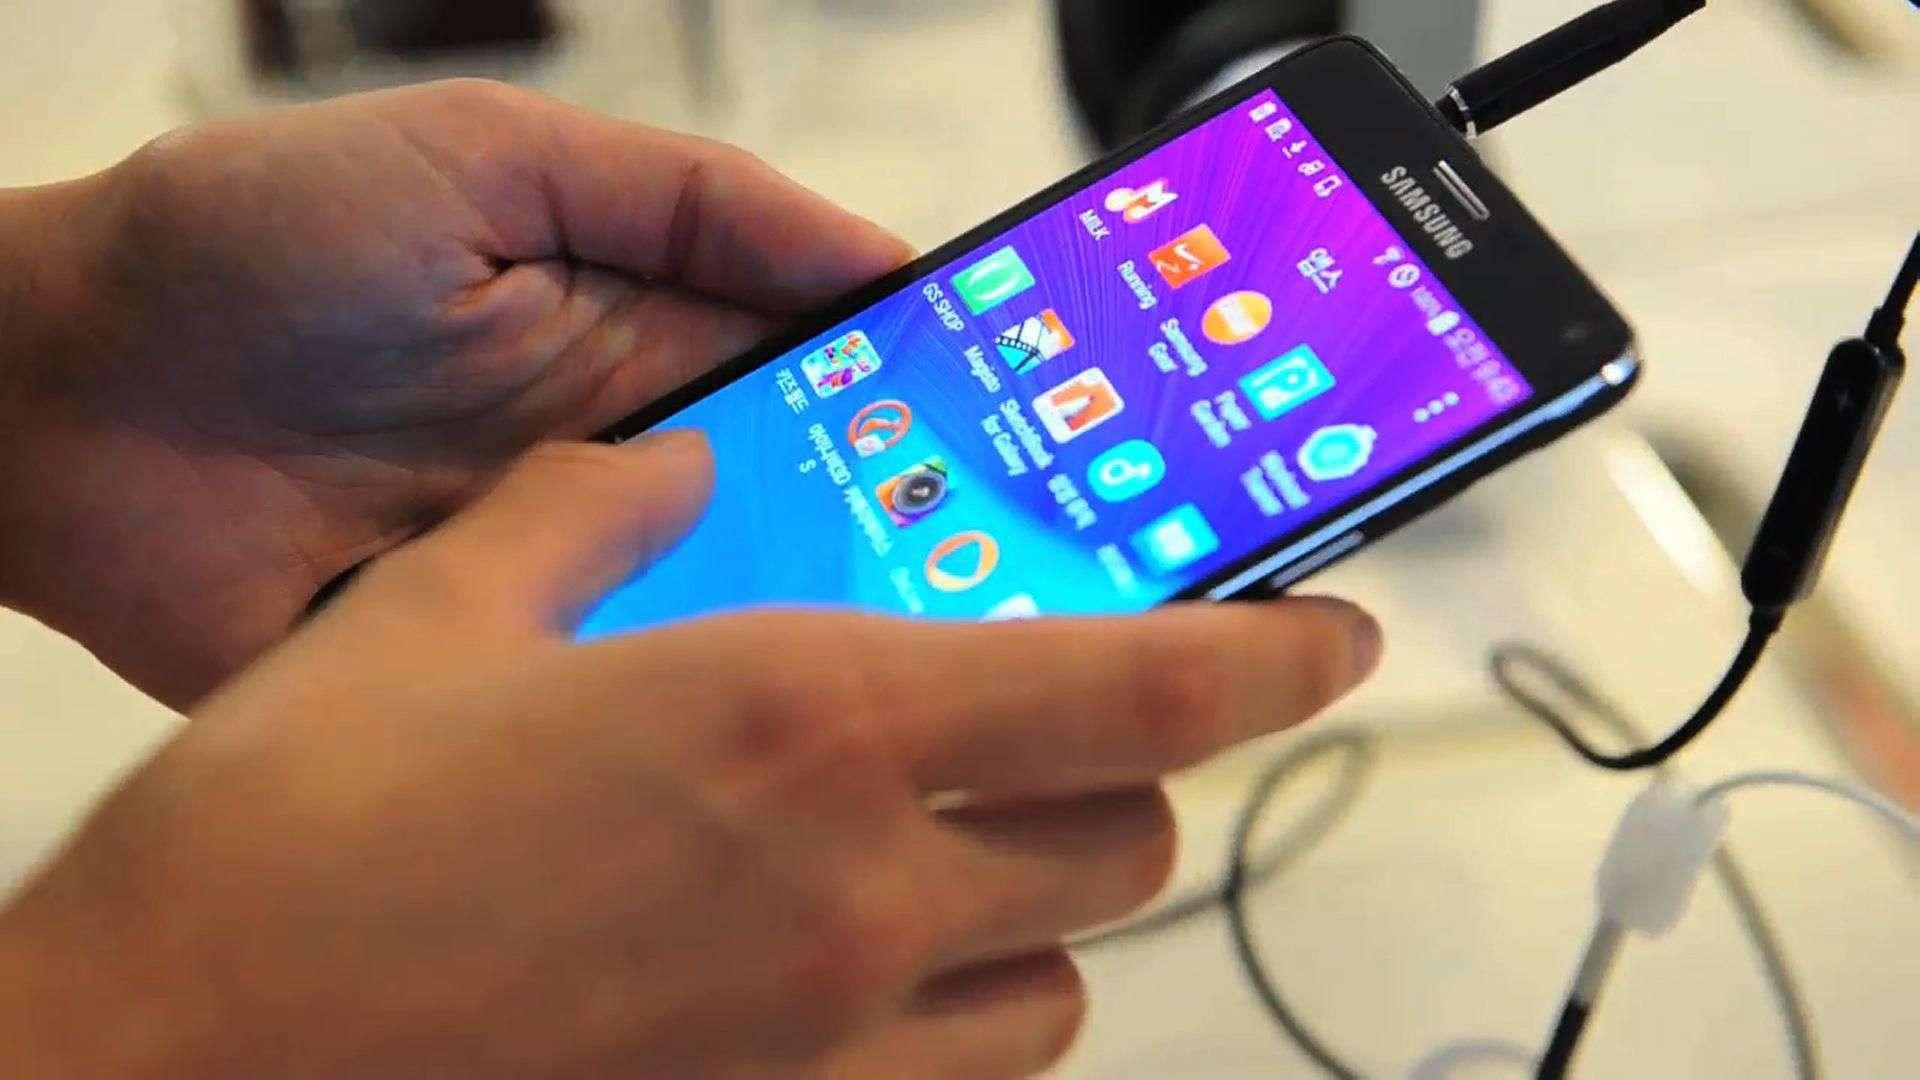 Samsung lanza su nuevo Galaxy Note 4